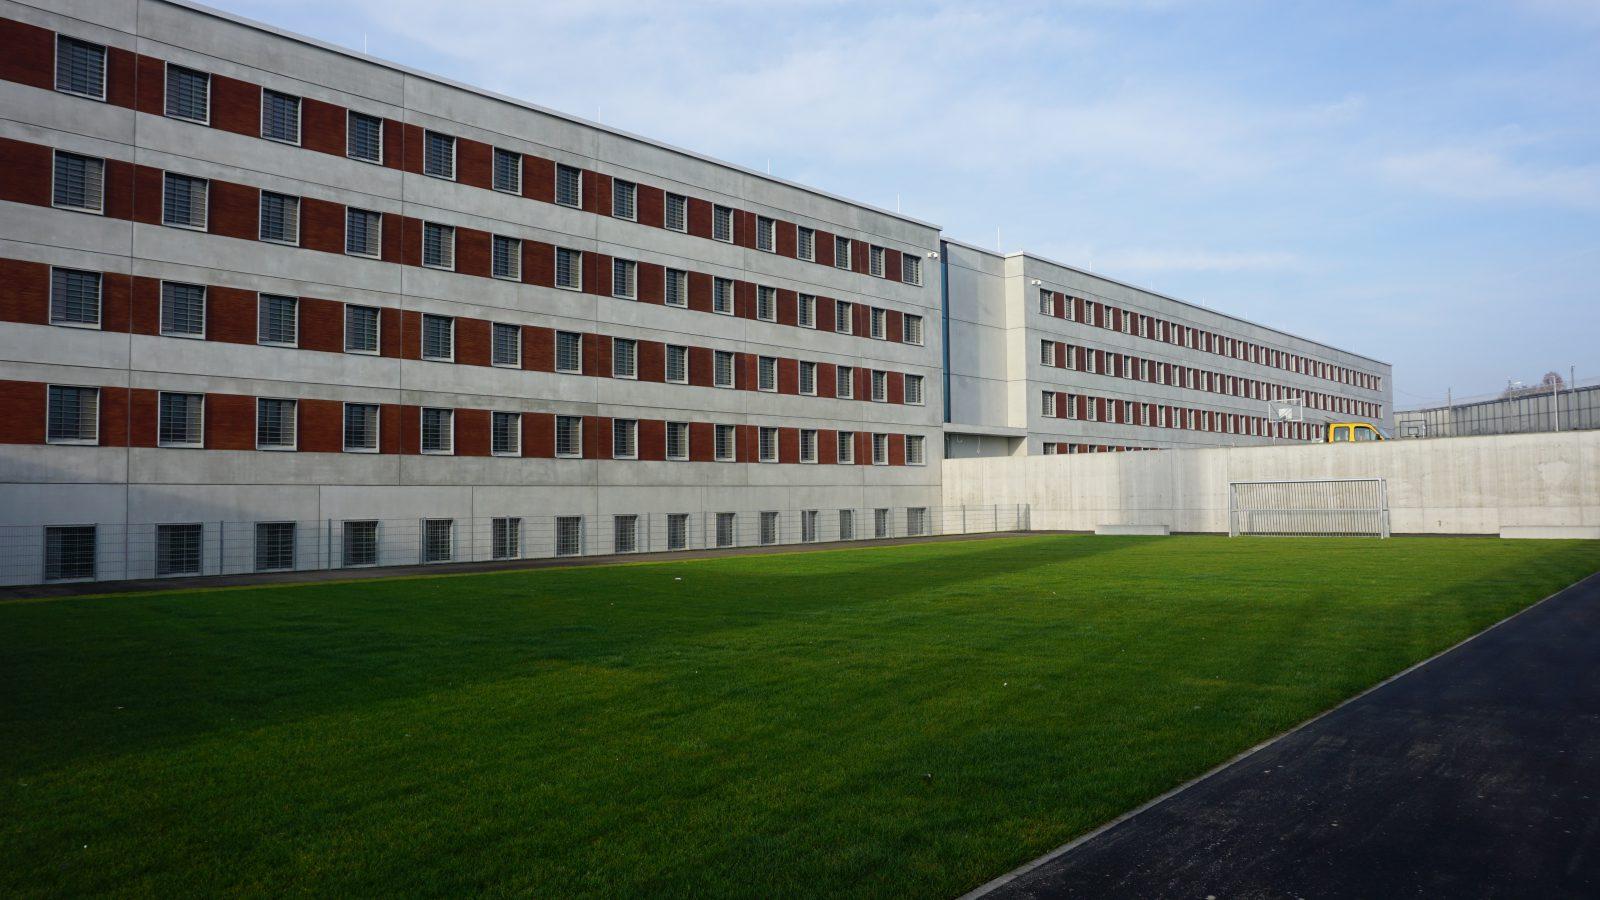 Haftplatzerweiterung, Justizvollzugsanstalt Stuttgart